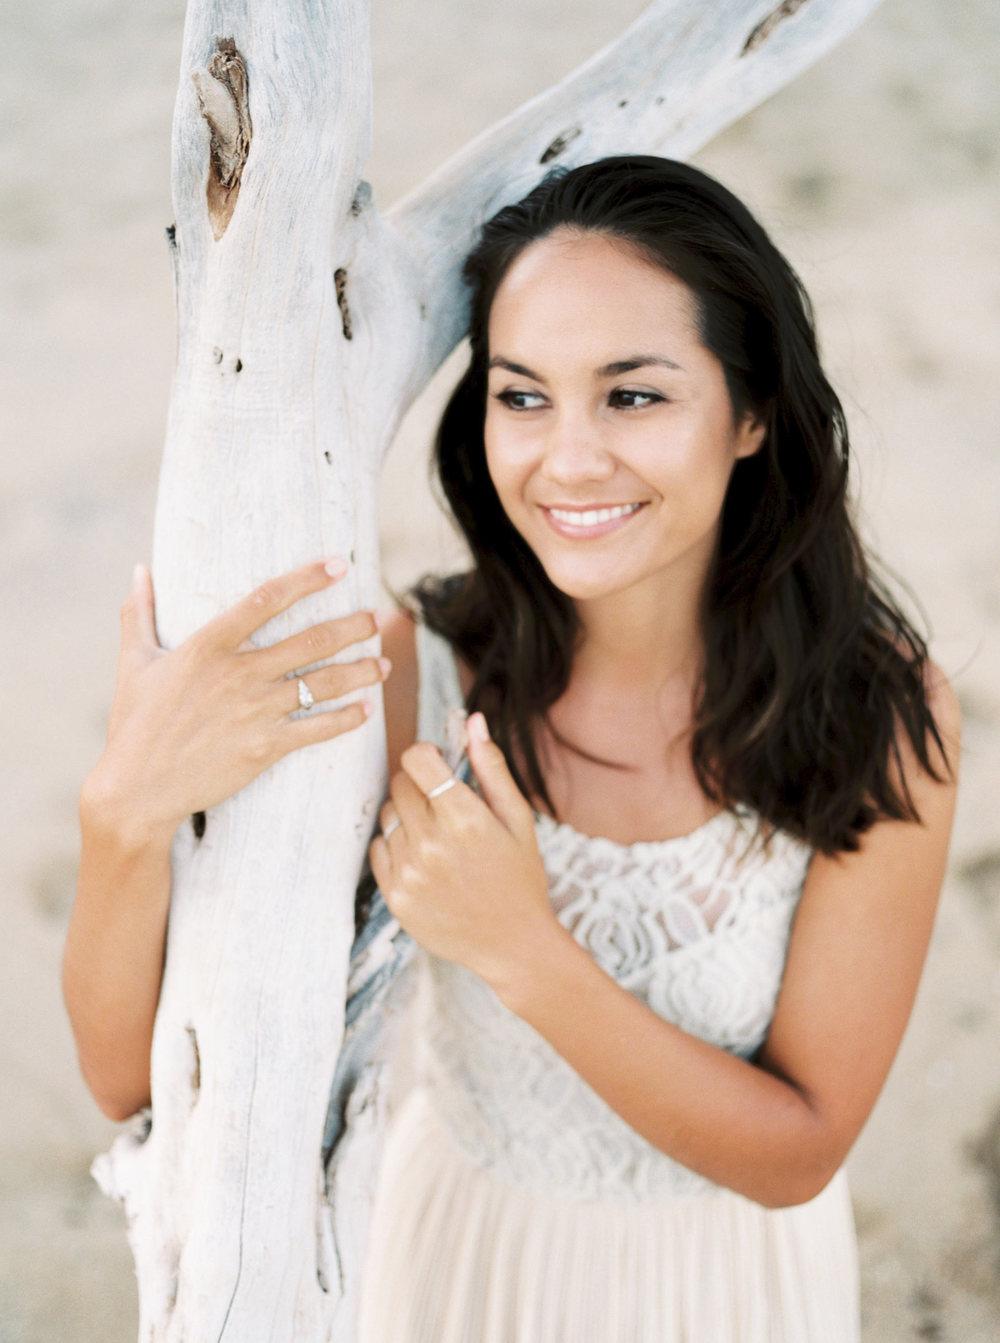 Maui-portrait-photos-012.jpg